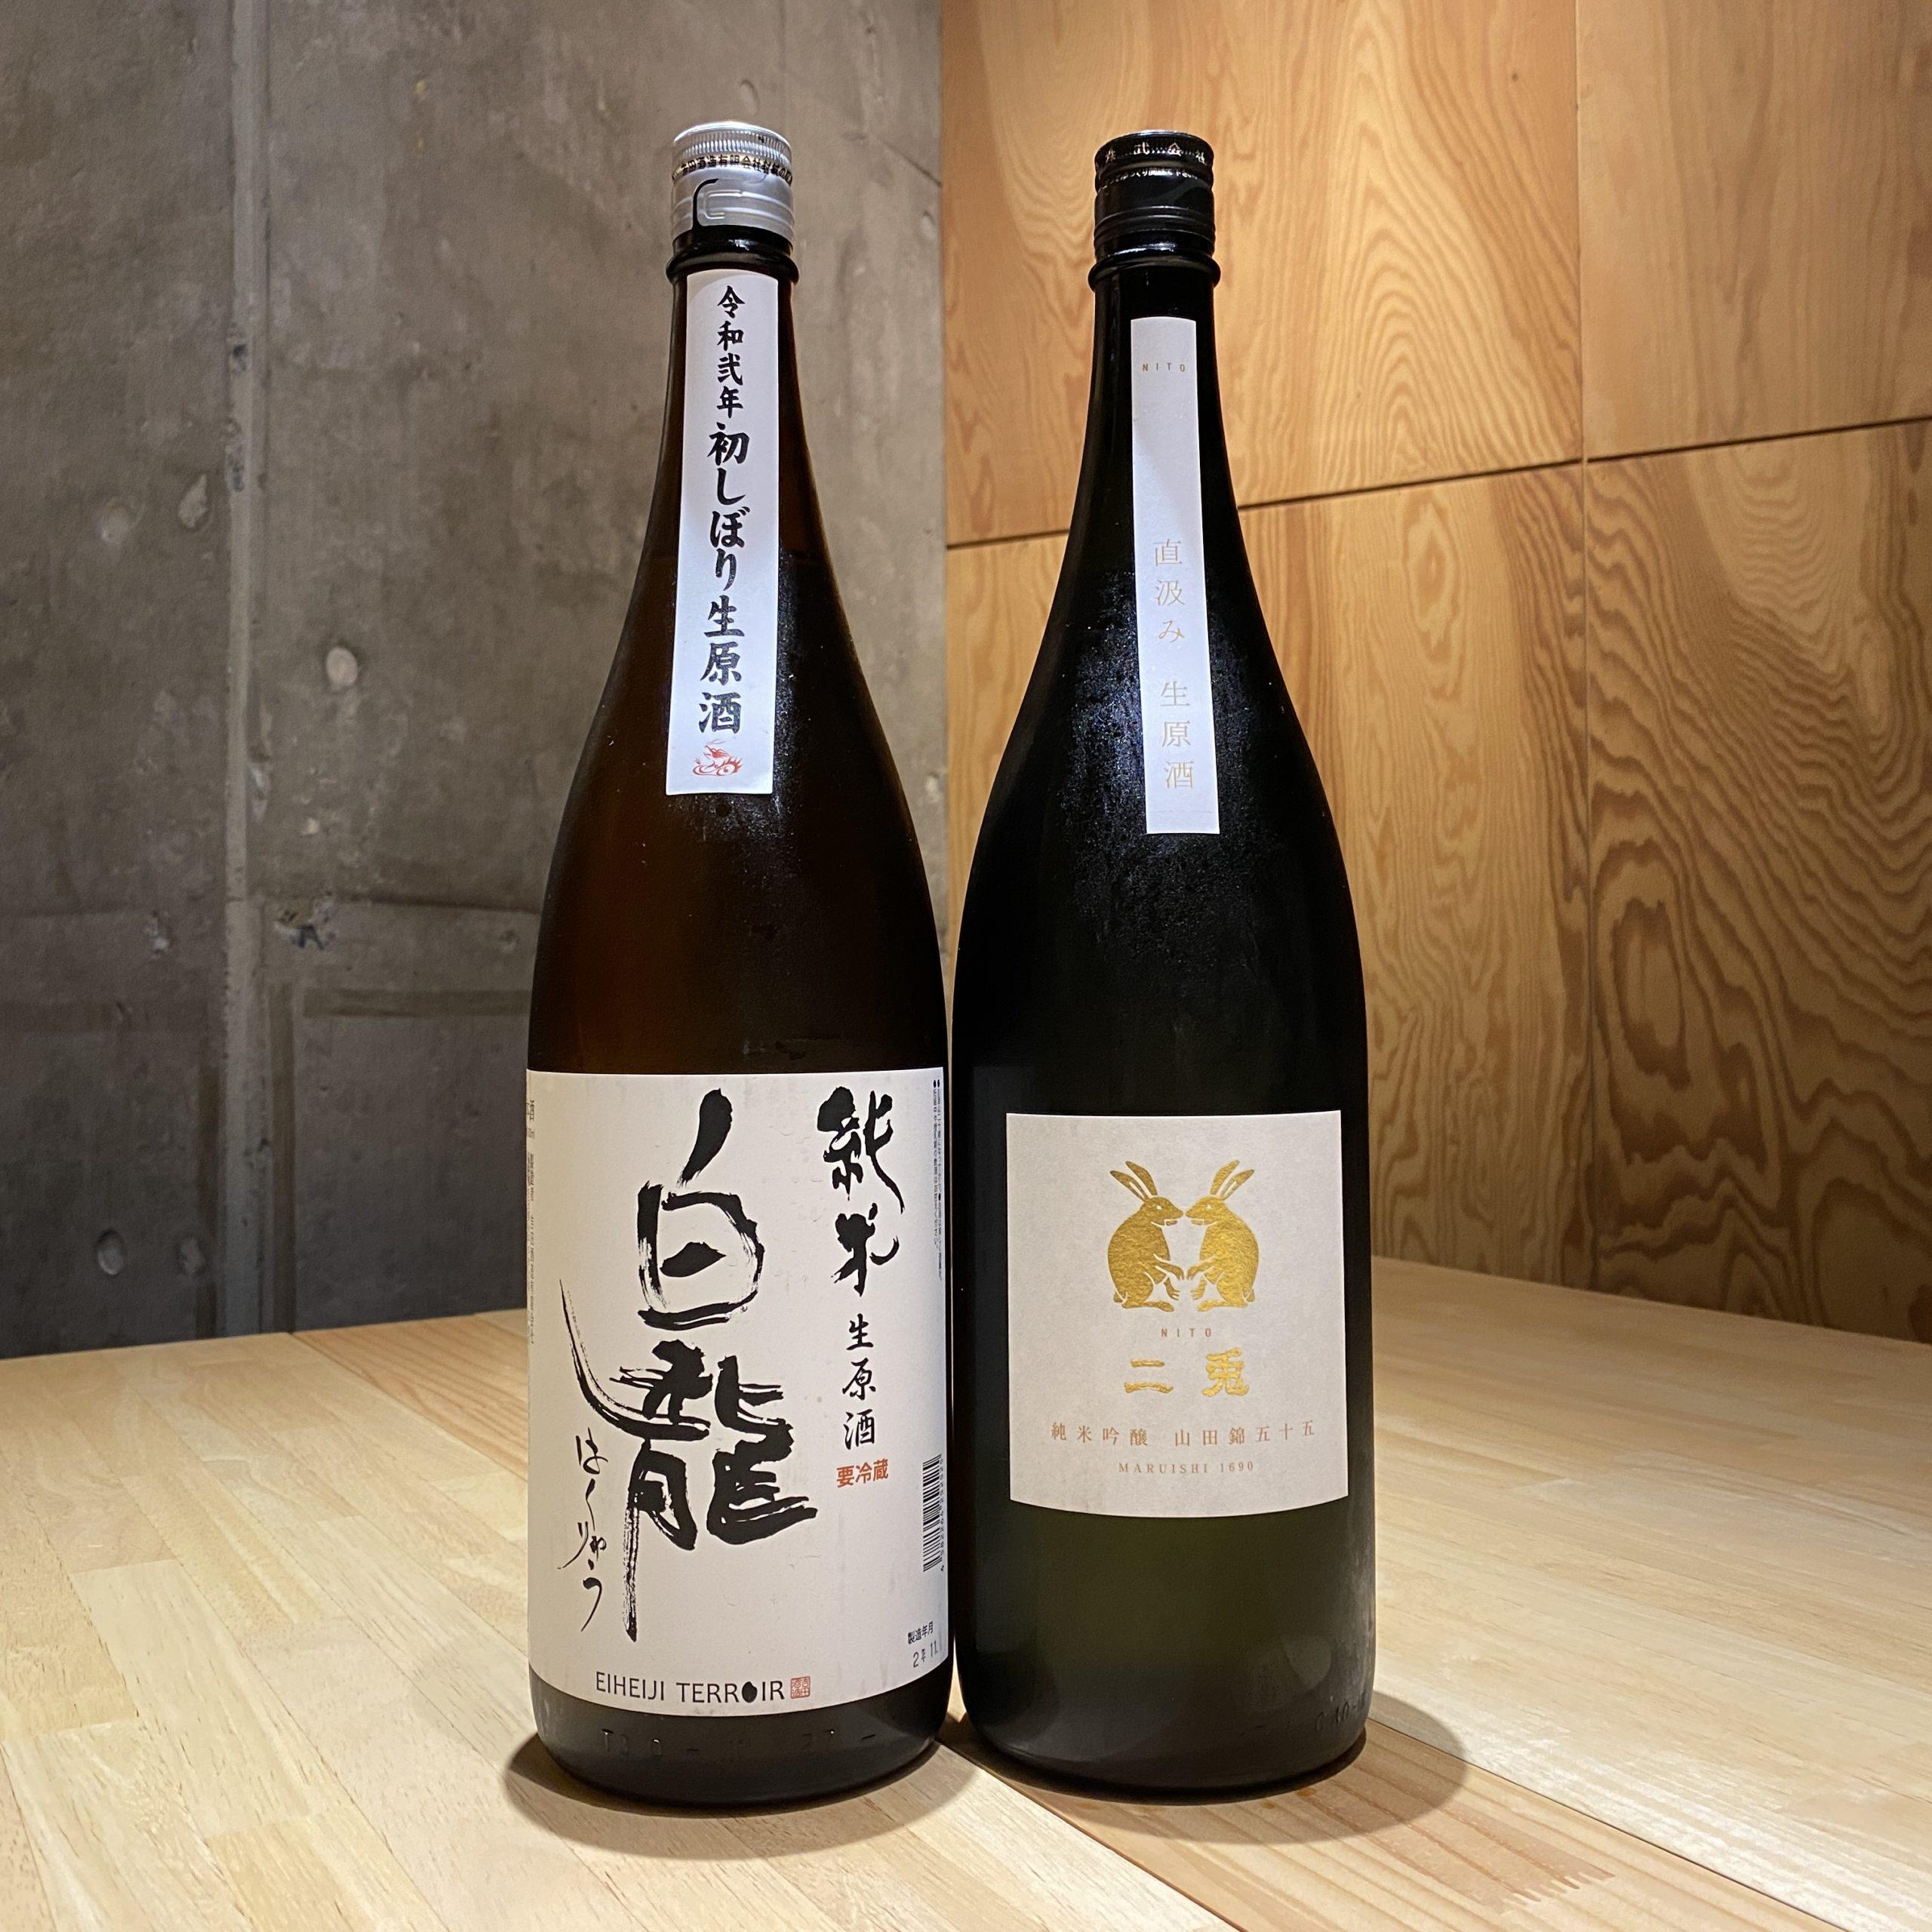 11月20日(金)の新着酒